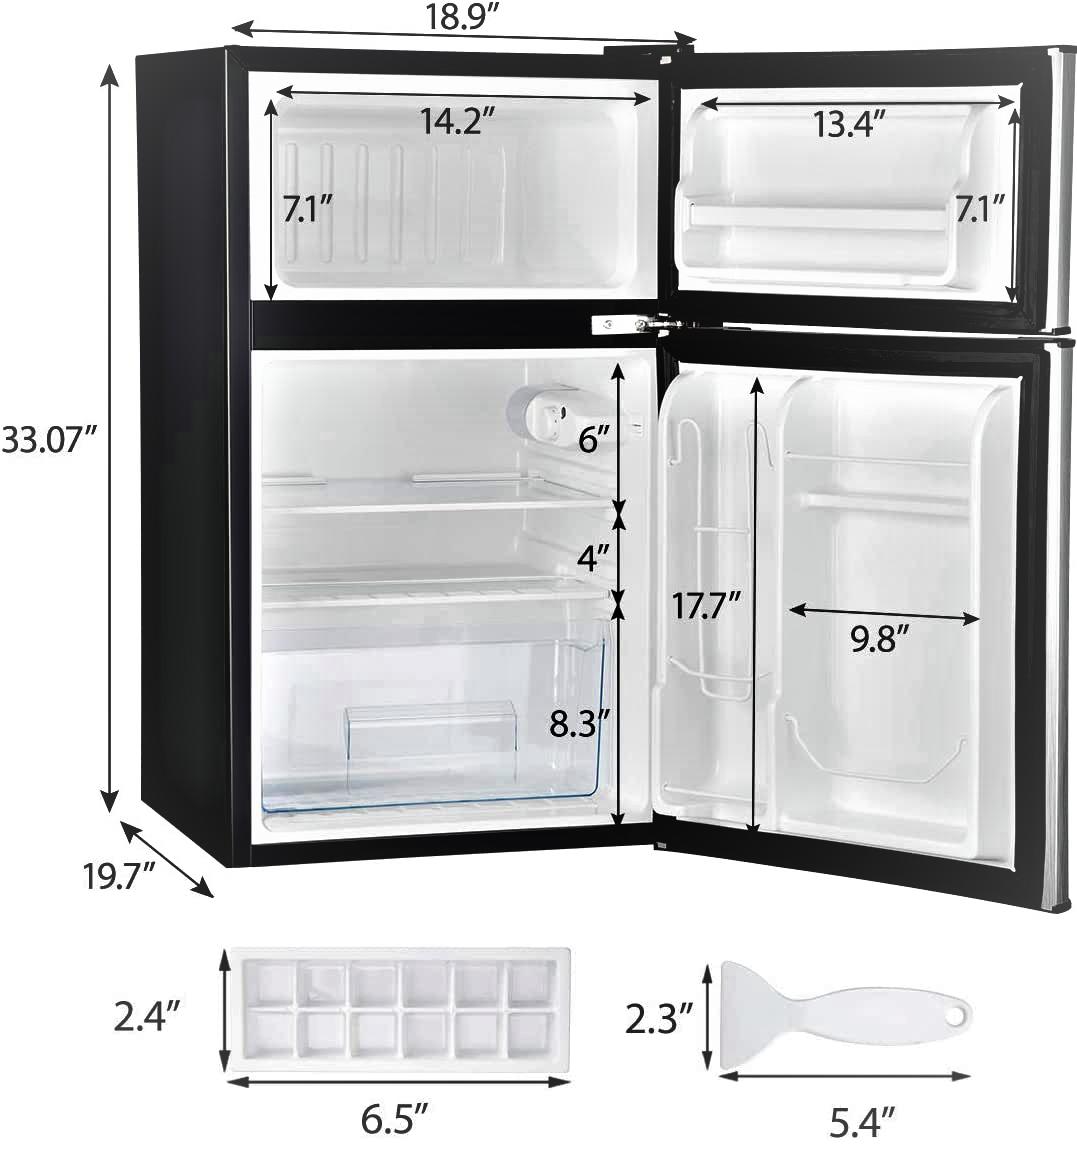 Euhomy Mini Fridge with Freezer 3.2 Cu.Ft Specs